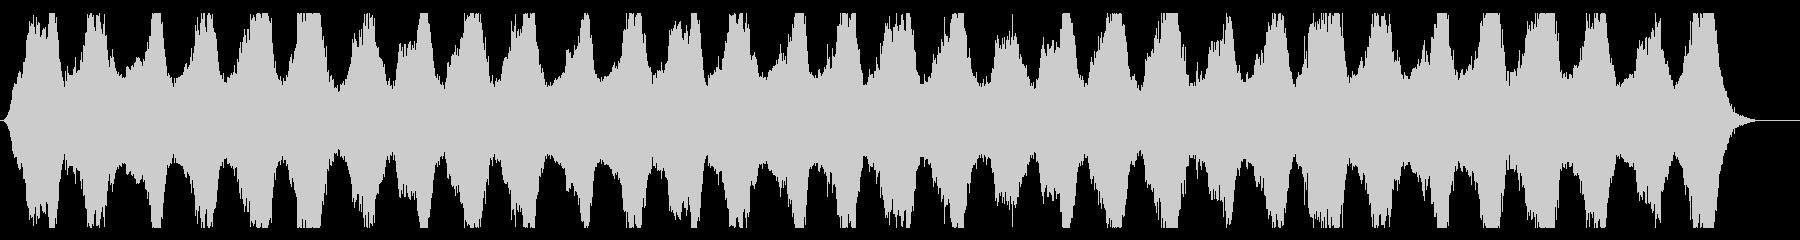 うめき声の入った不気味なBGMの未再生の波形